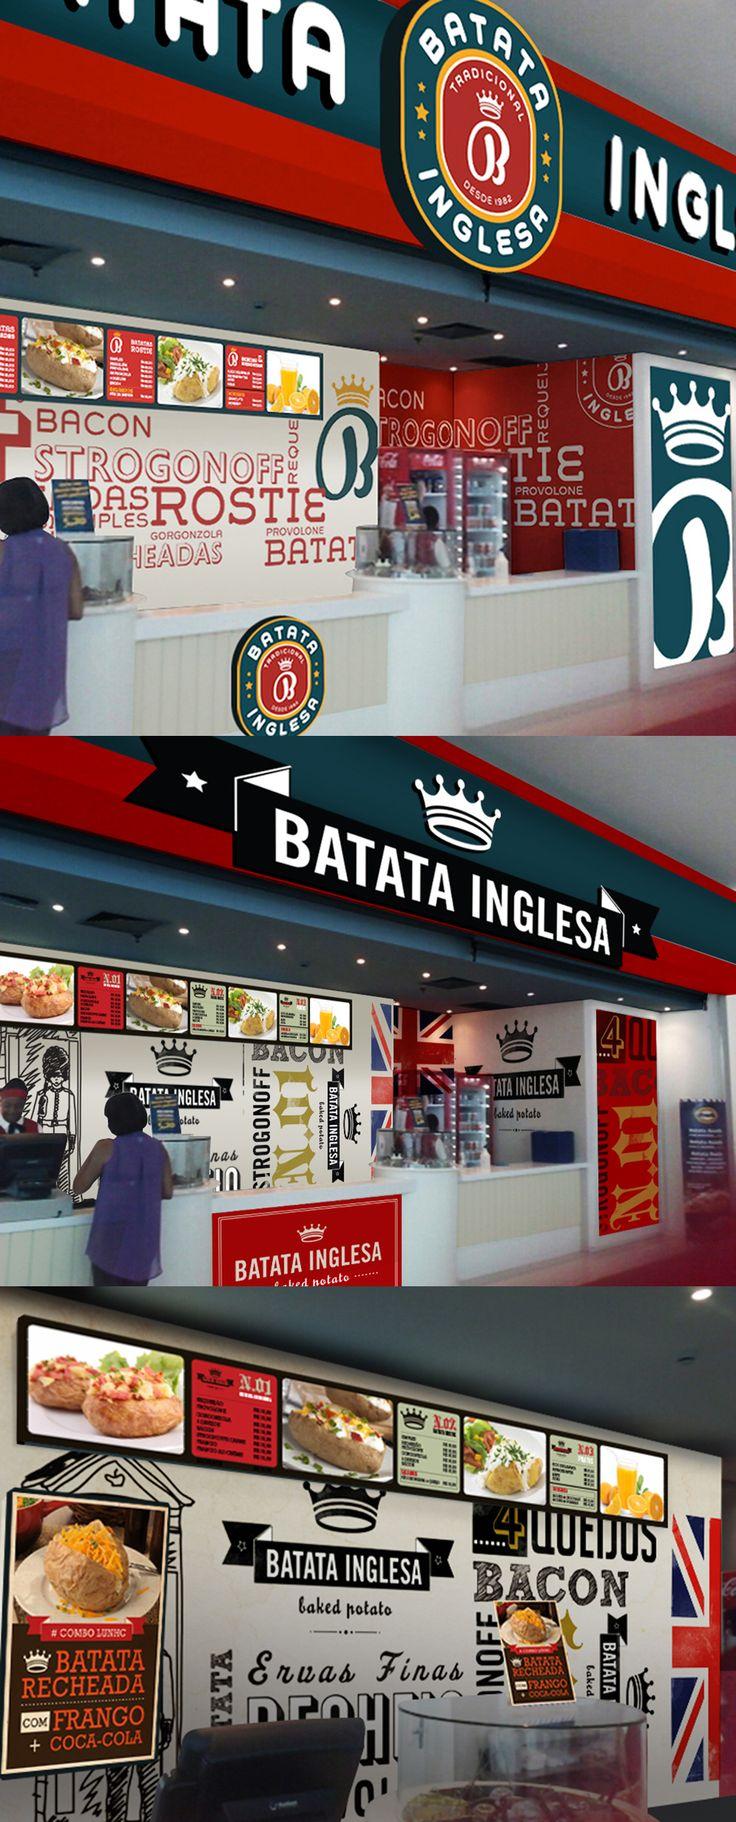 BATATA INGLESA - (Design by Muffa Comunicação) muffa.com.br